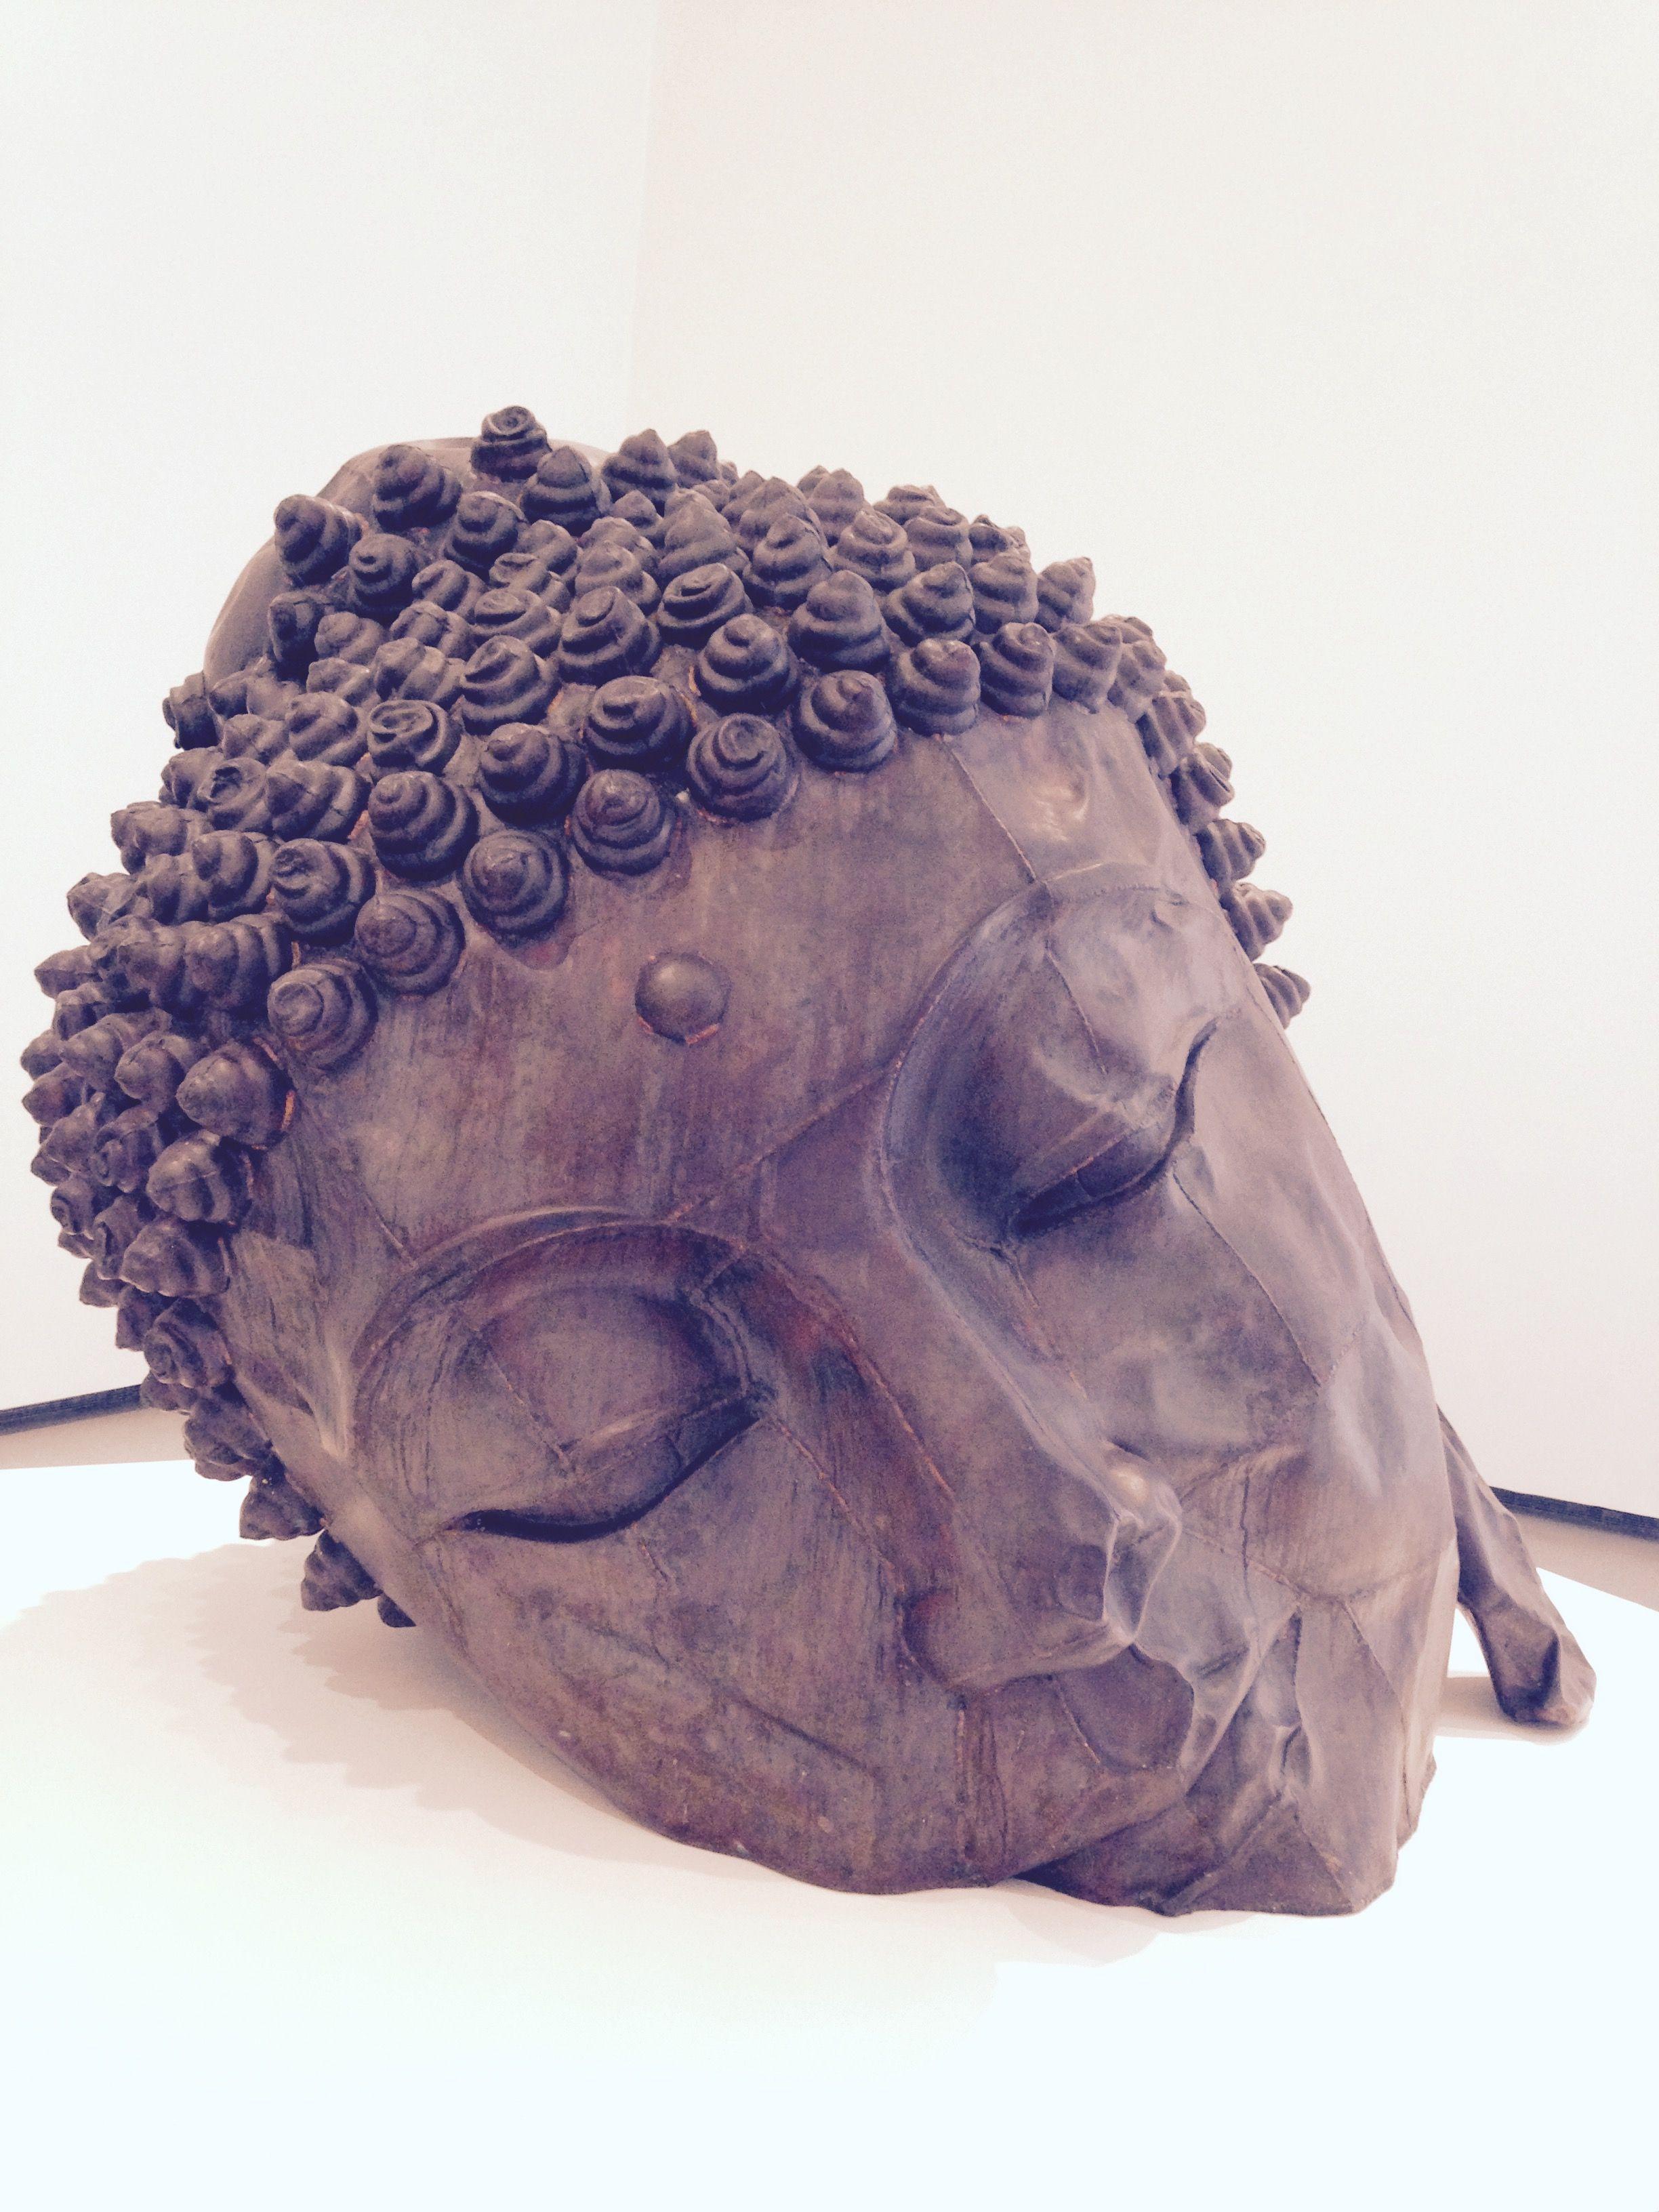 Long Island Buddha, Zhang Huan. Exposição de artistas chineses, Fondation Louis Vuitton. Escultura em couro, com as costuras visíveis e enferrujadas esta obra lembra com serenidade a efemeridade da vida...